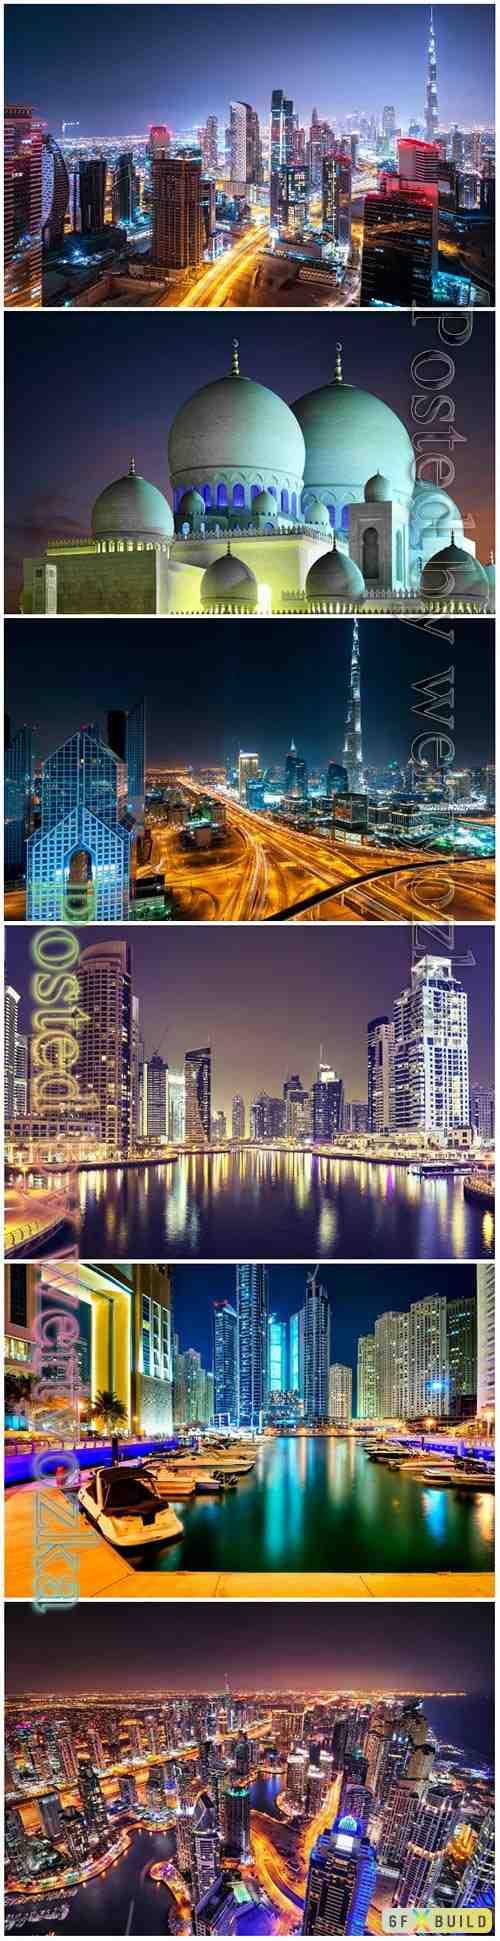 Beautiful night cityscape beautiful stock photo